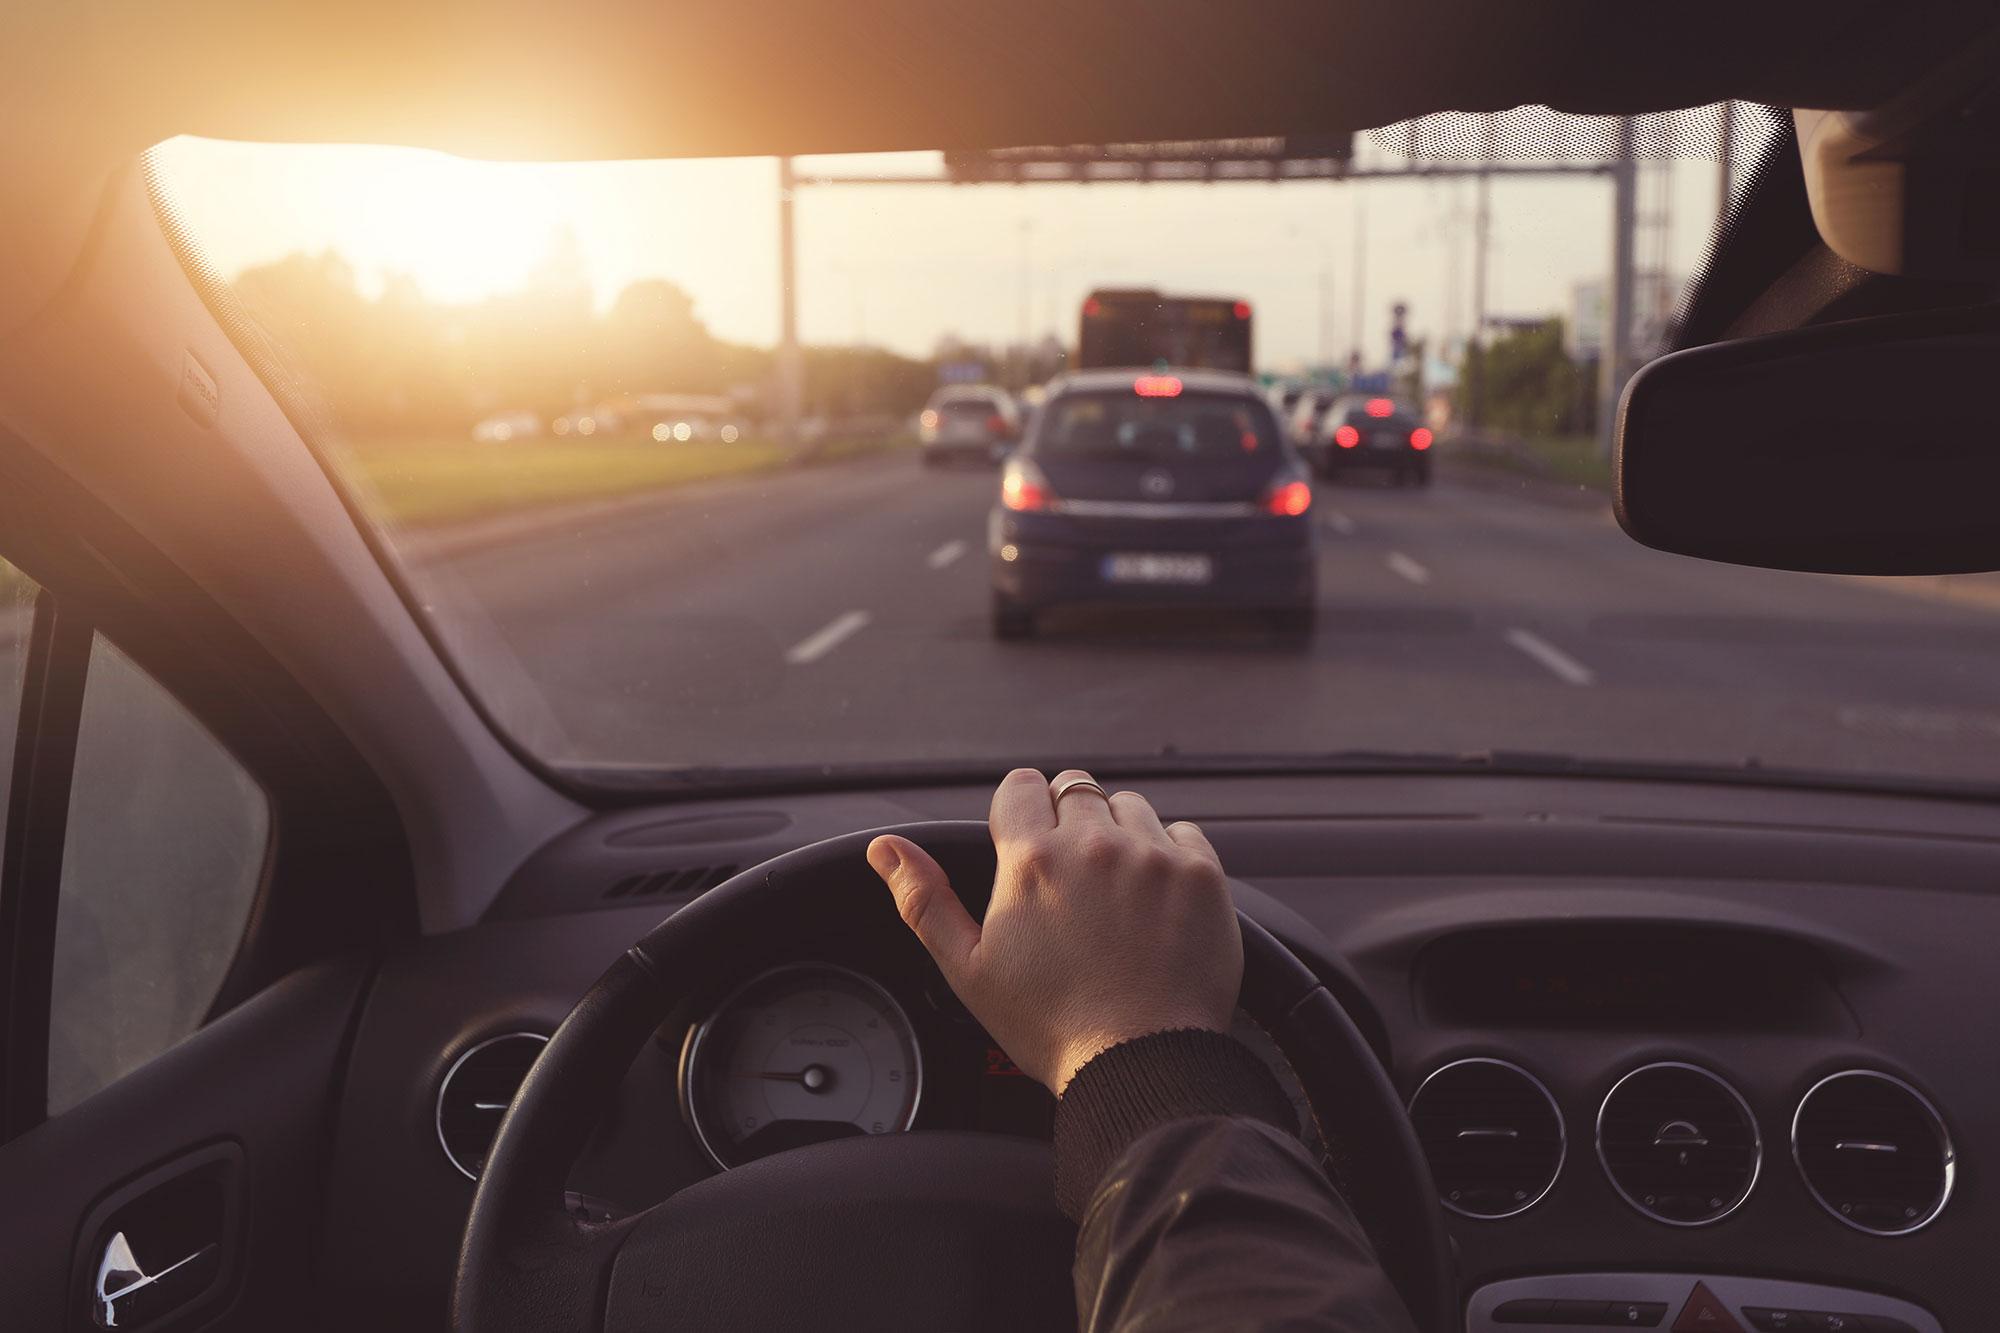 Sécurité routière : des peines plus élevées pour les délinquants de la route